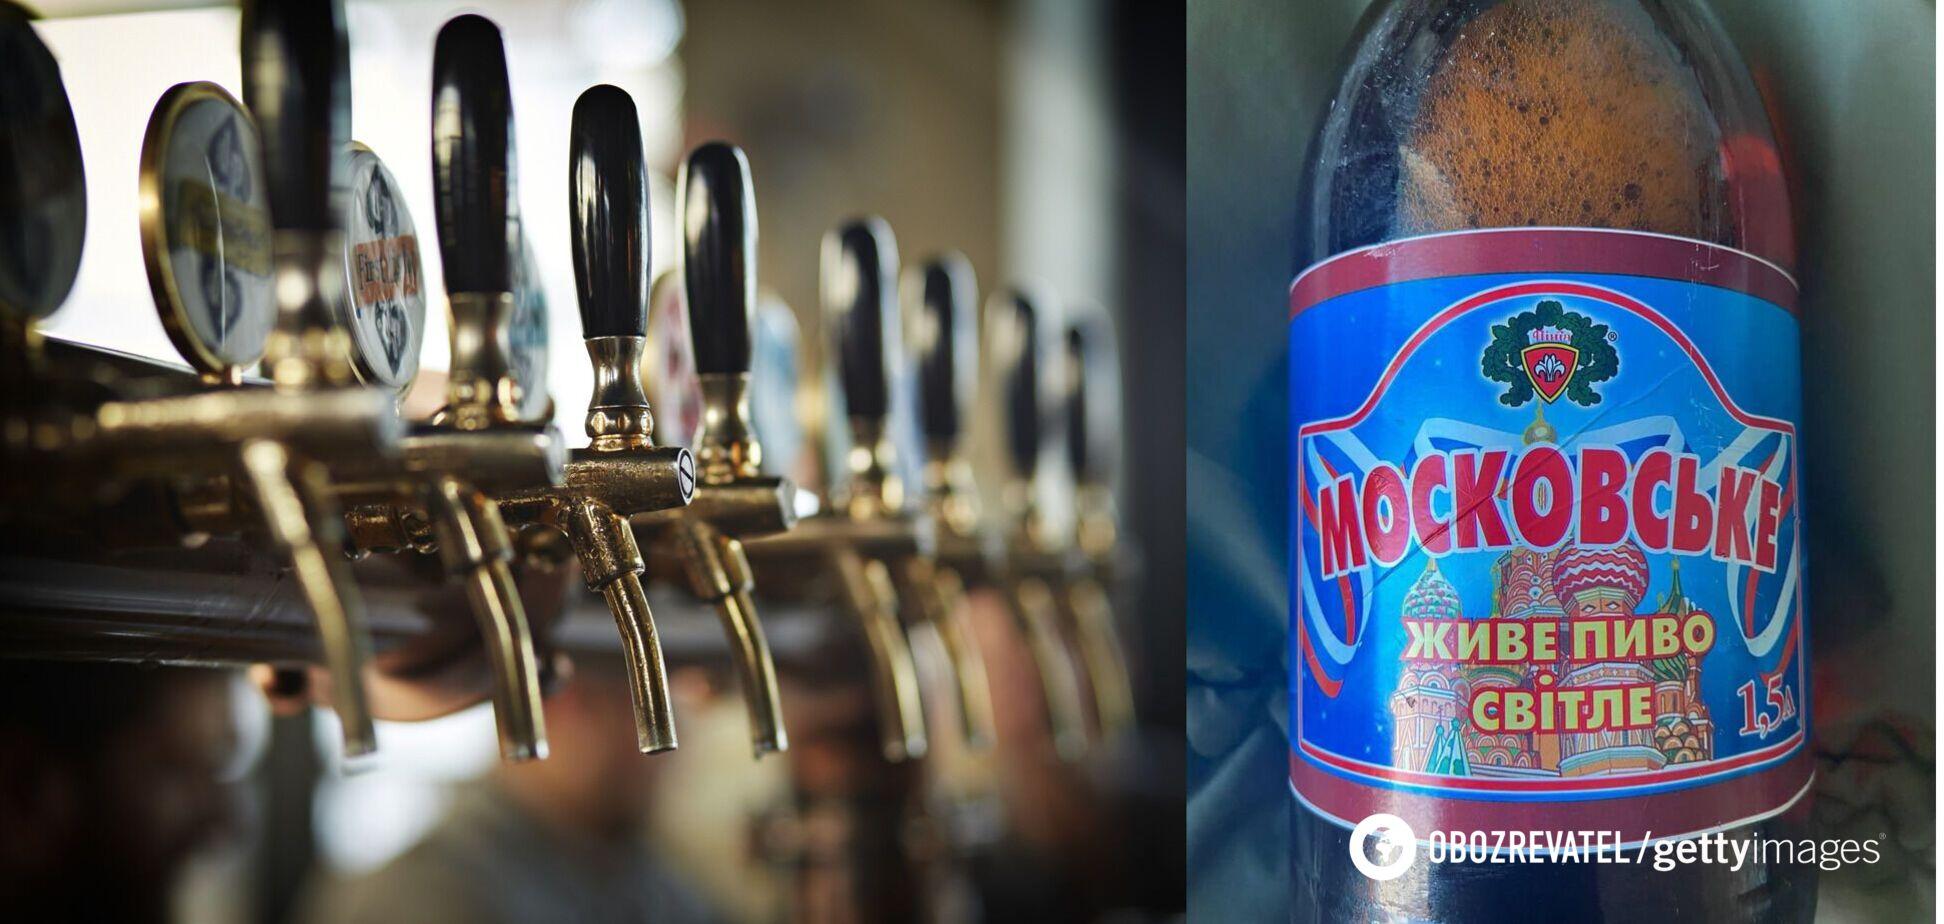 Украинский завод выпустил пиво 'Московское' с символикой России. Фото